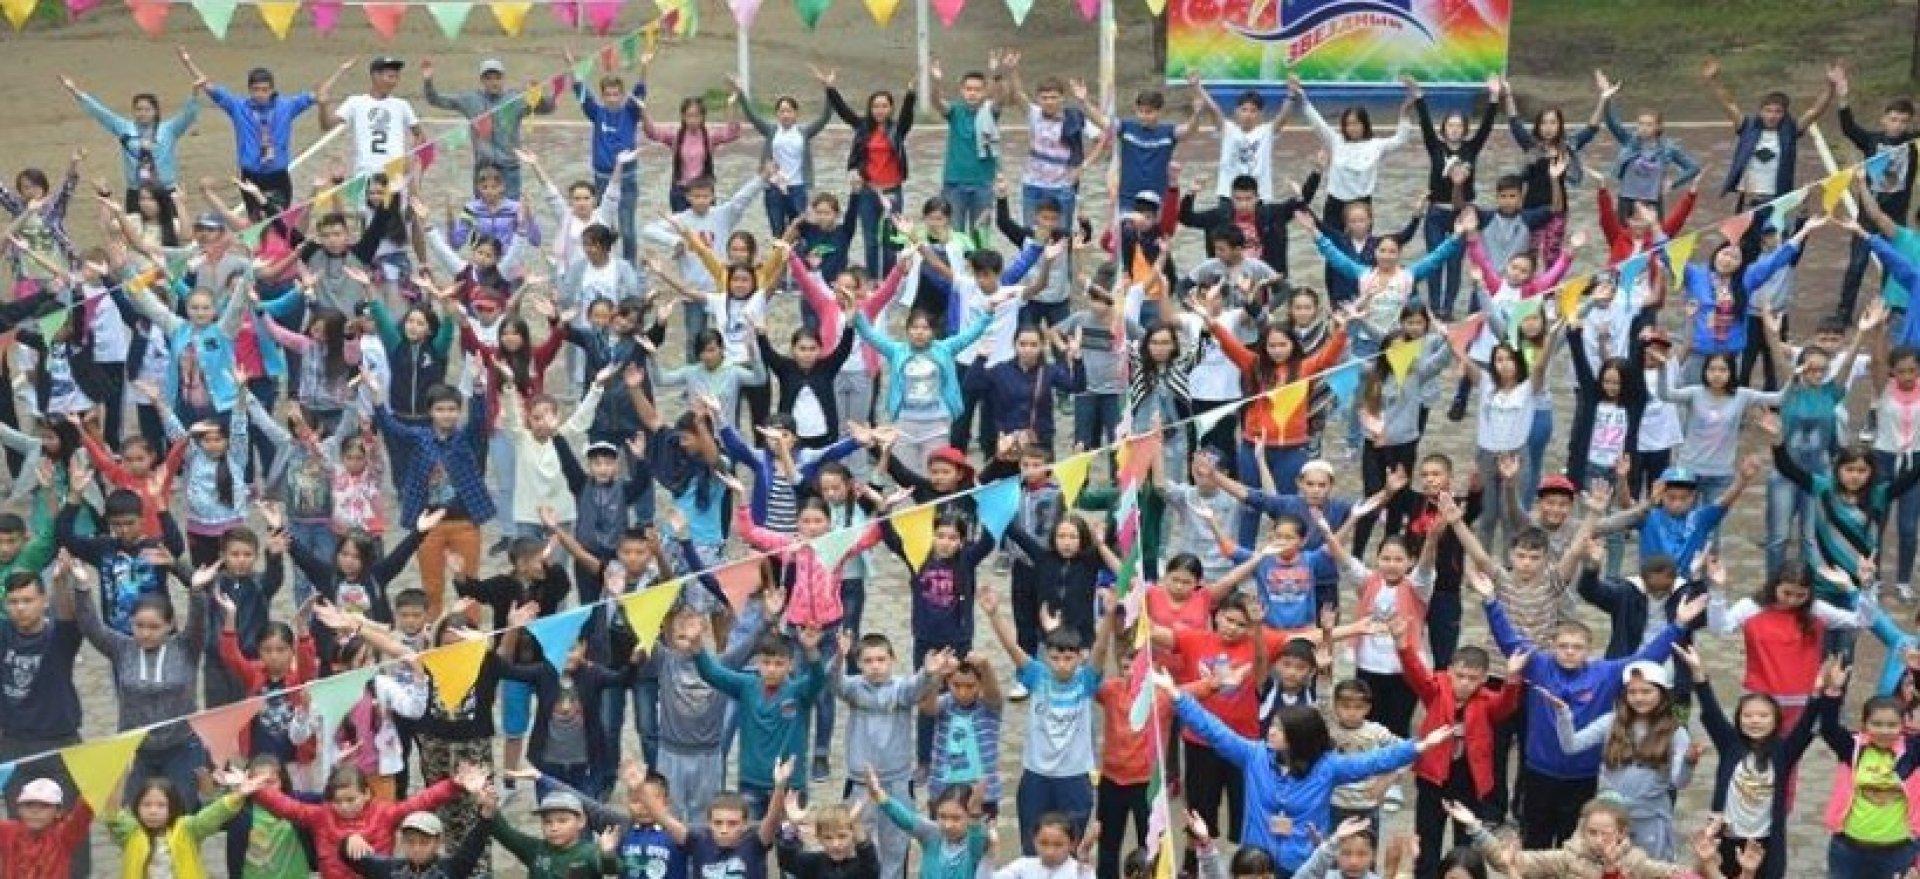 Уникальная природа Катарколя привлекает детей со всего Казахстана